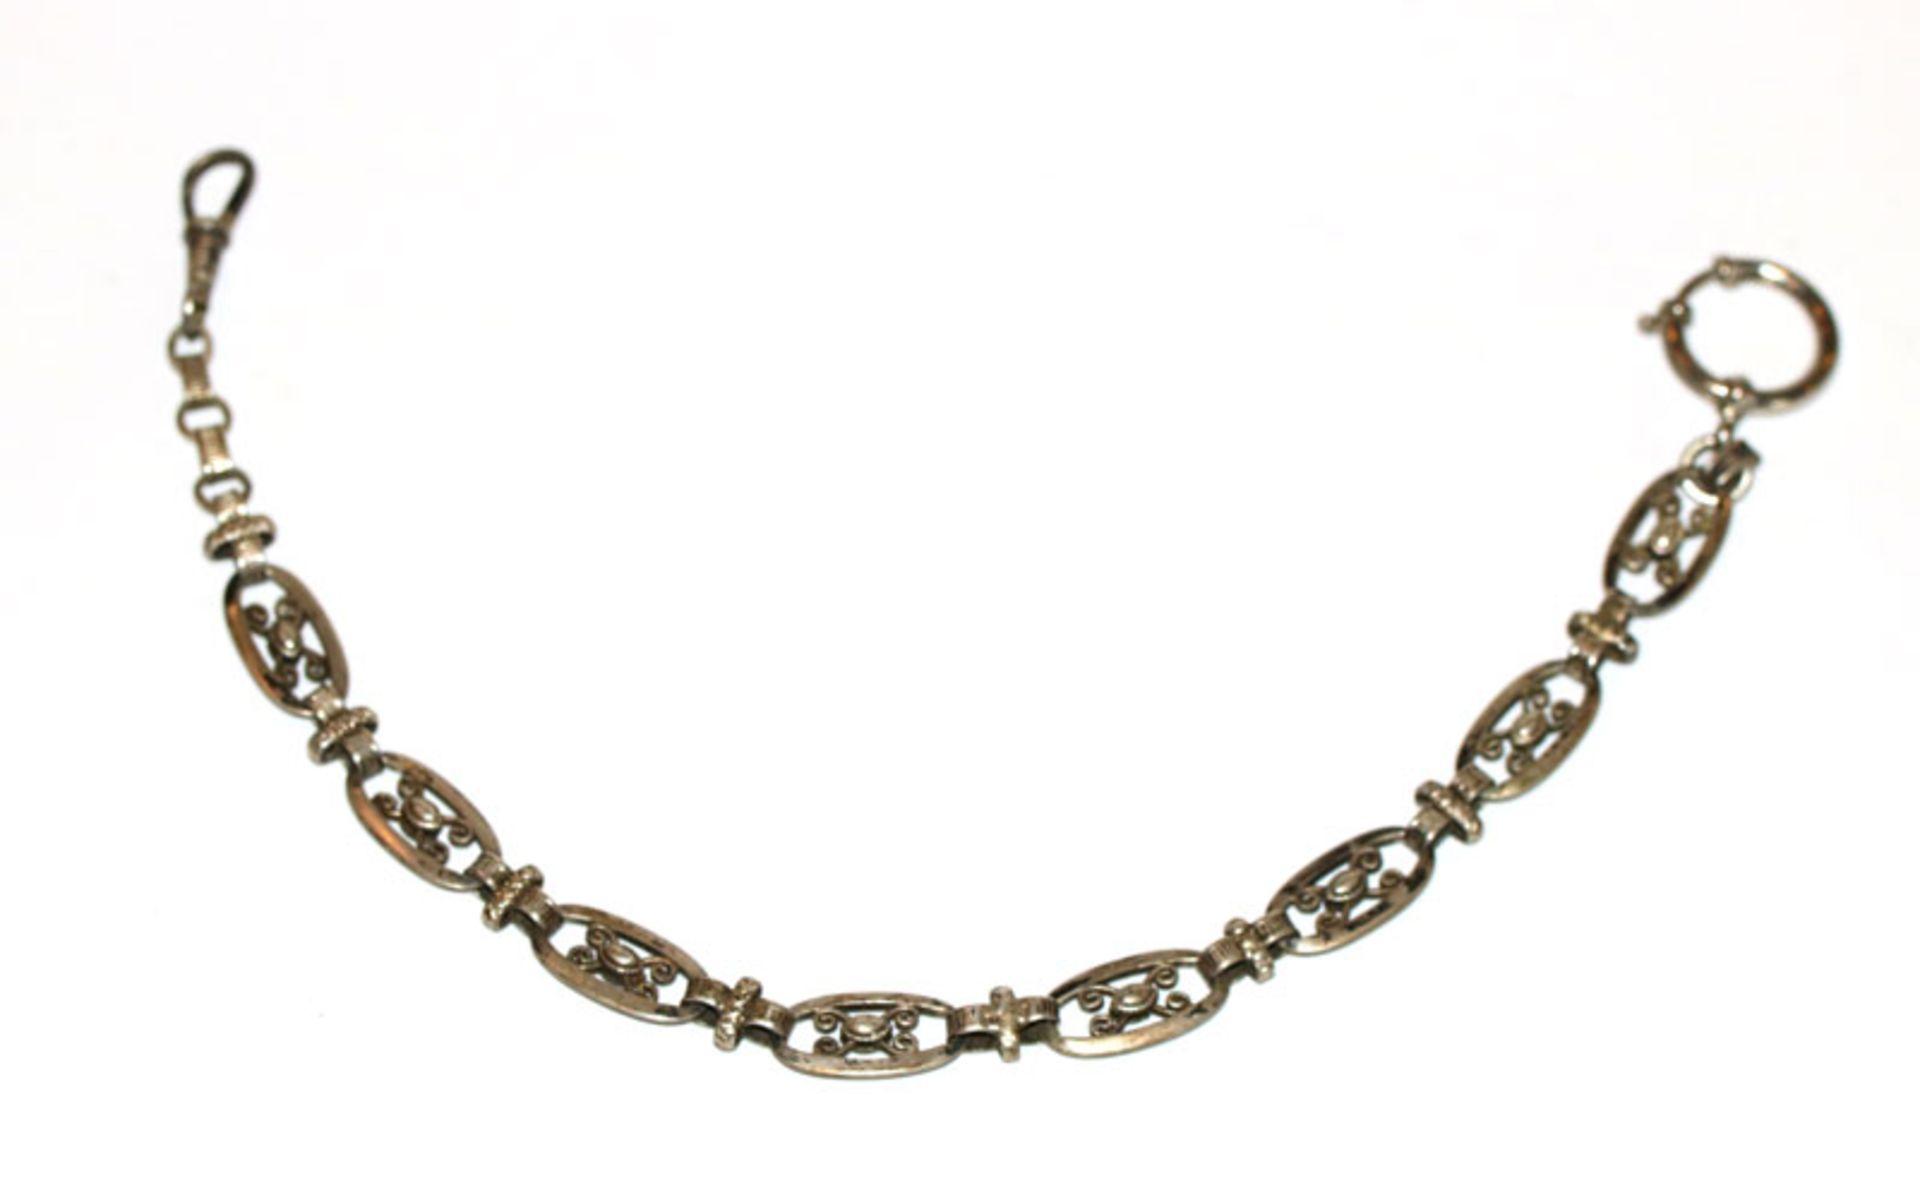 Silber Uhrenkette aus ovalen Gliedern, große Karabiner nicht Silber, L 29 cm